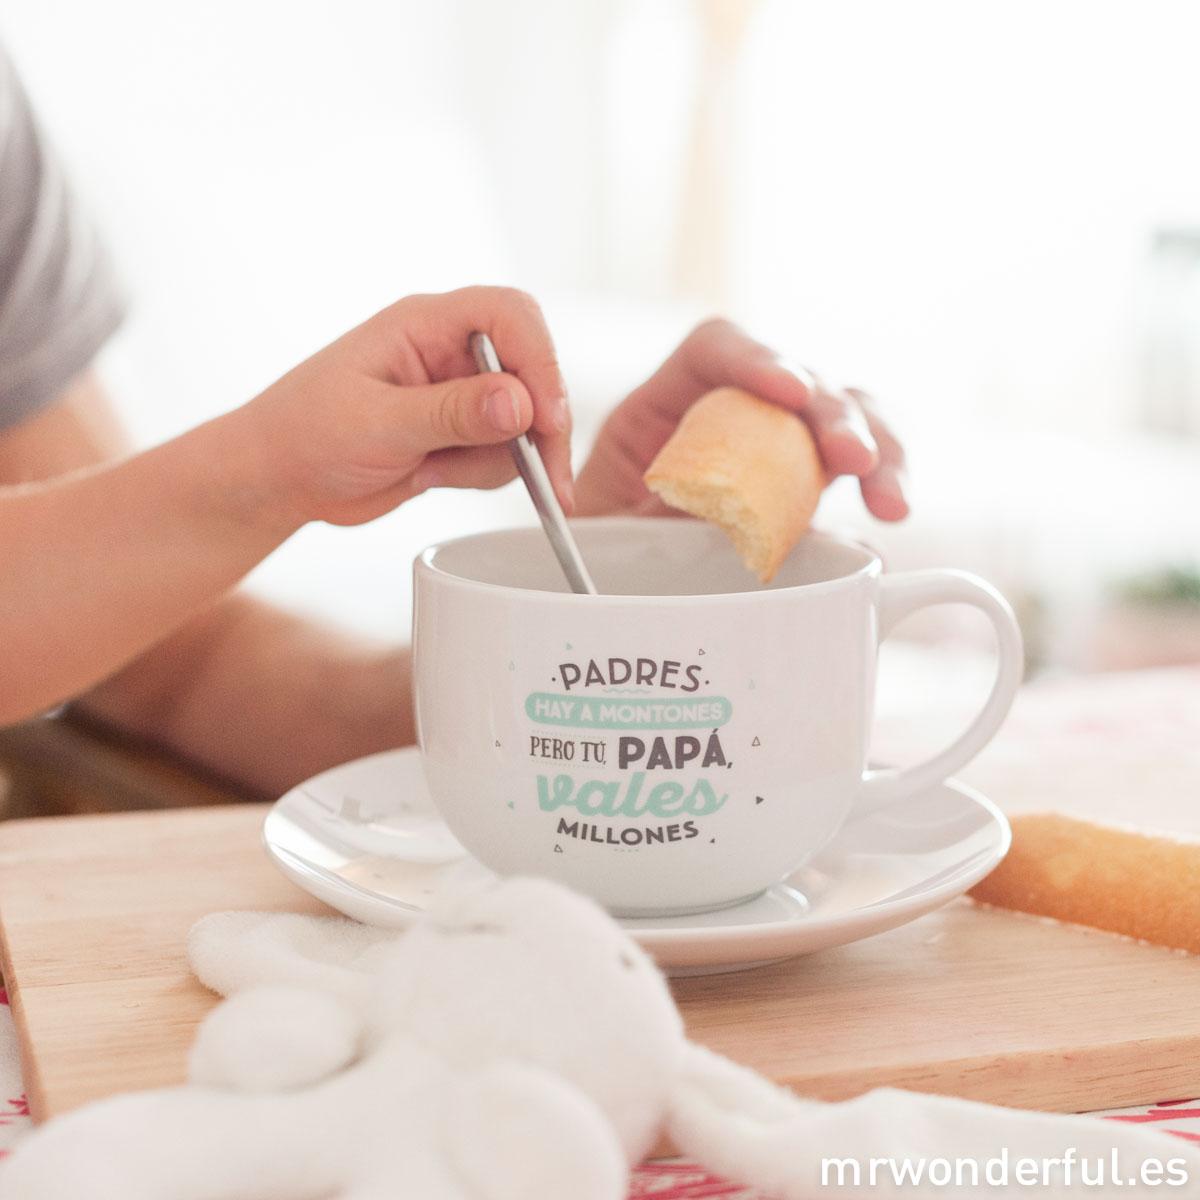 mrwonderful-taza-y-plato-padres-hay-a-montones-pero-tu-papa